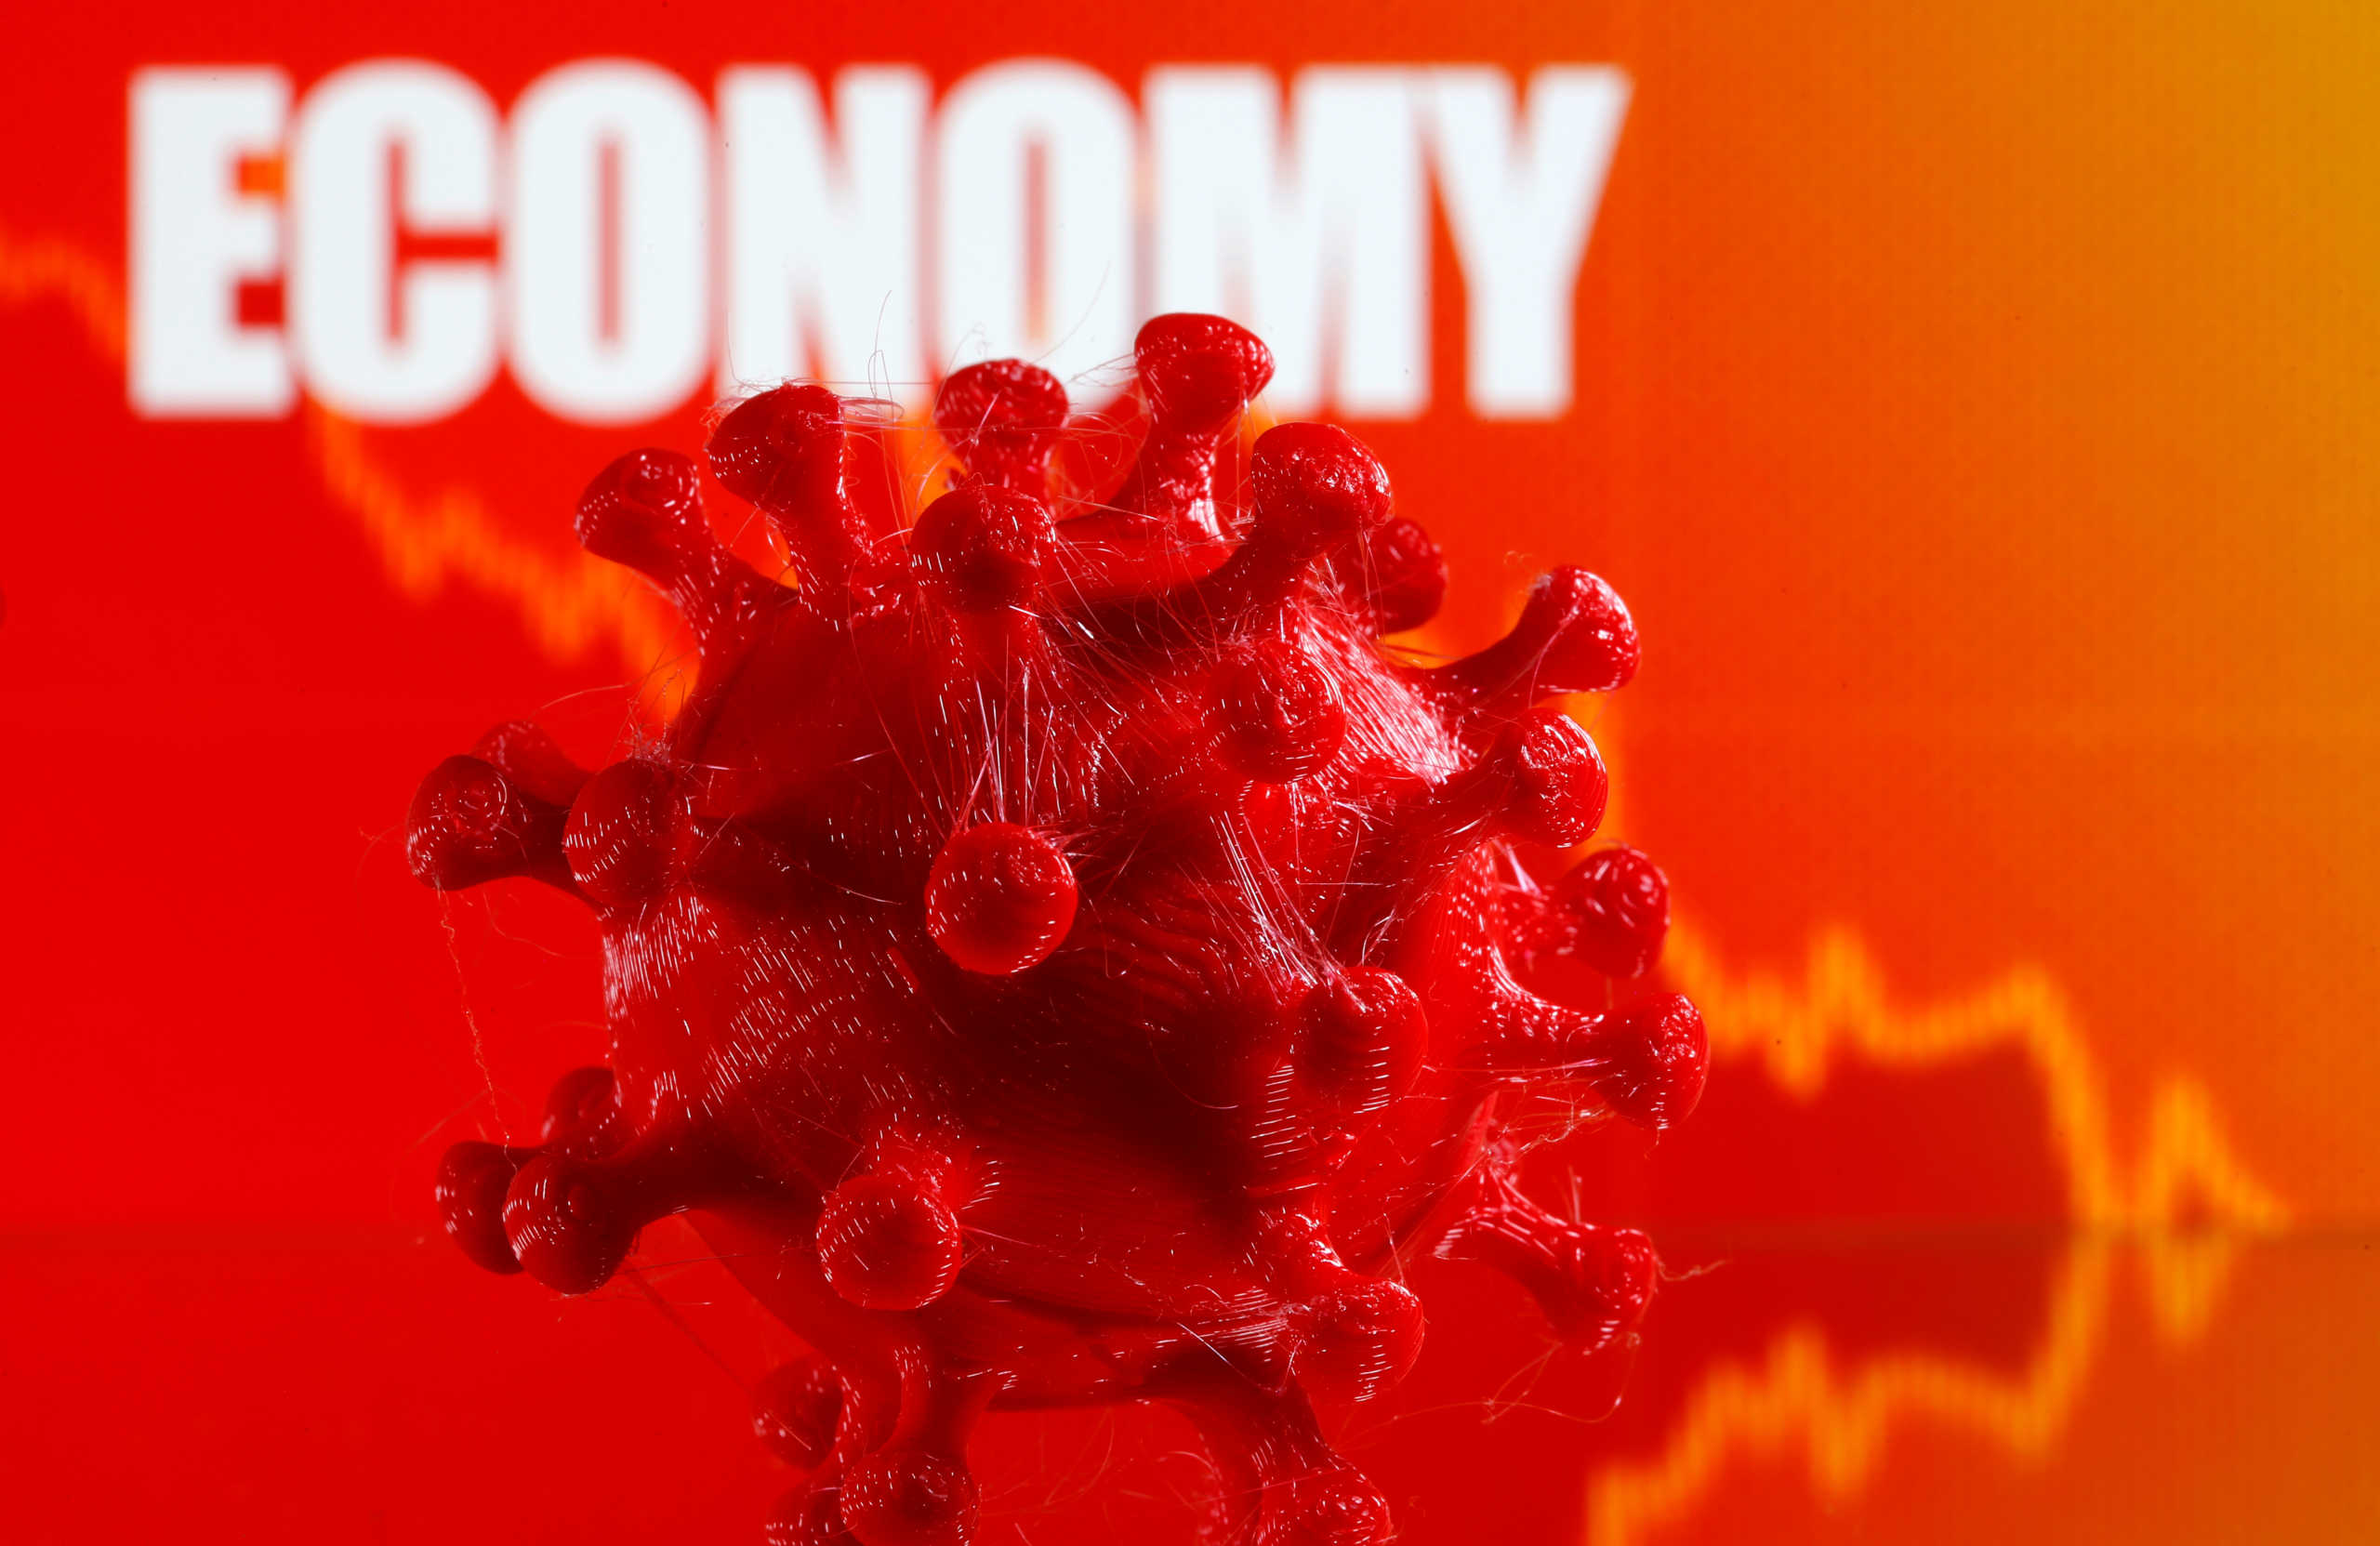 Κορονοϊός: Κάπου… το 2022 βλεπουν οι εταιρείες – «κολοσσοί» την επιστροφή στην κανονικότητα